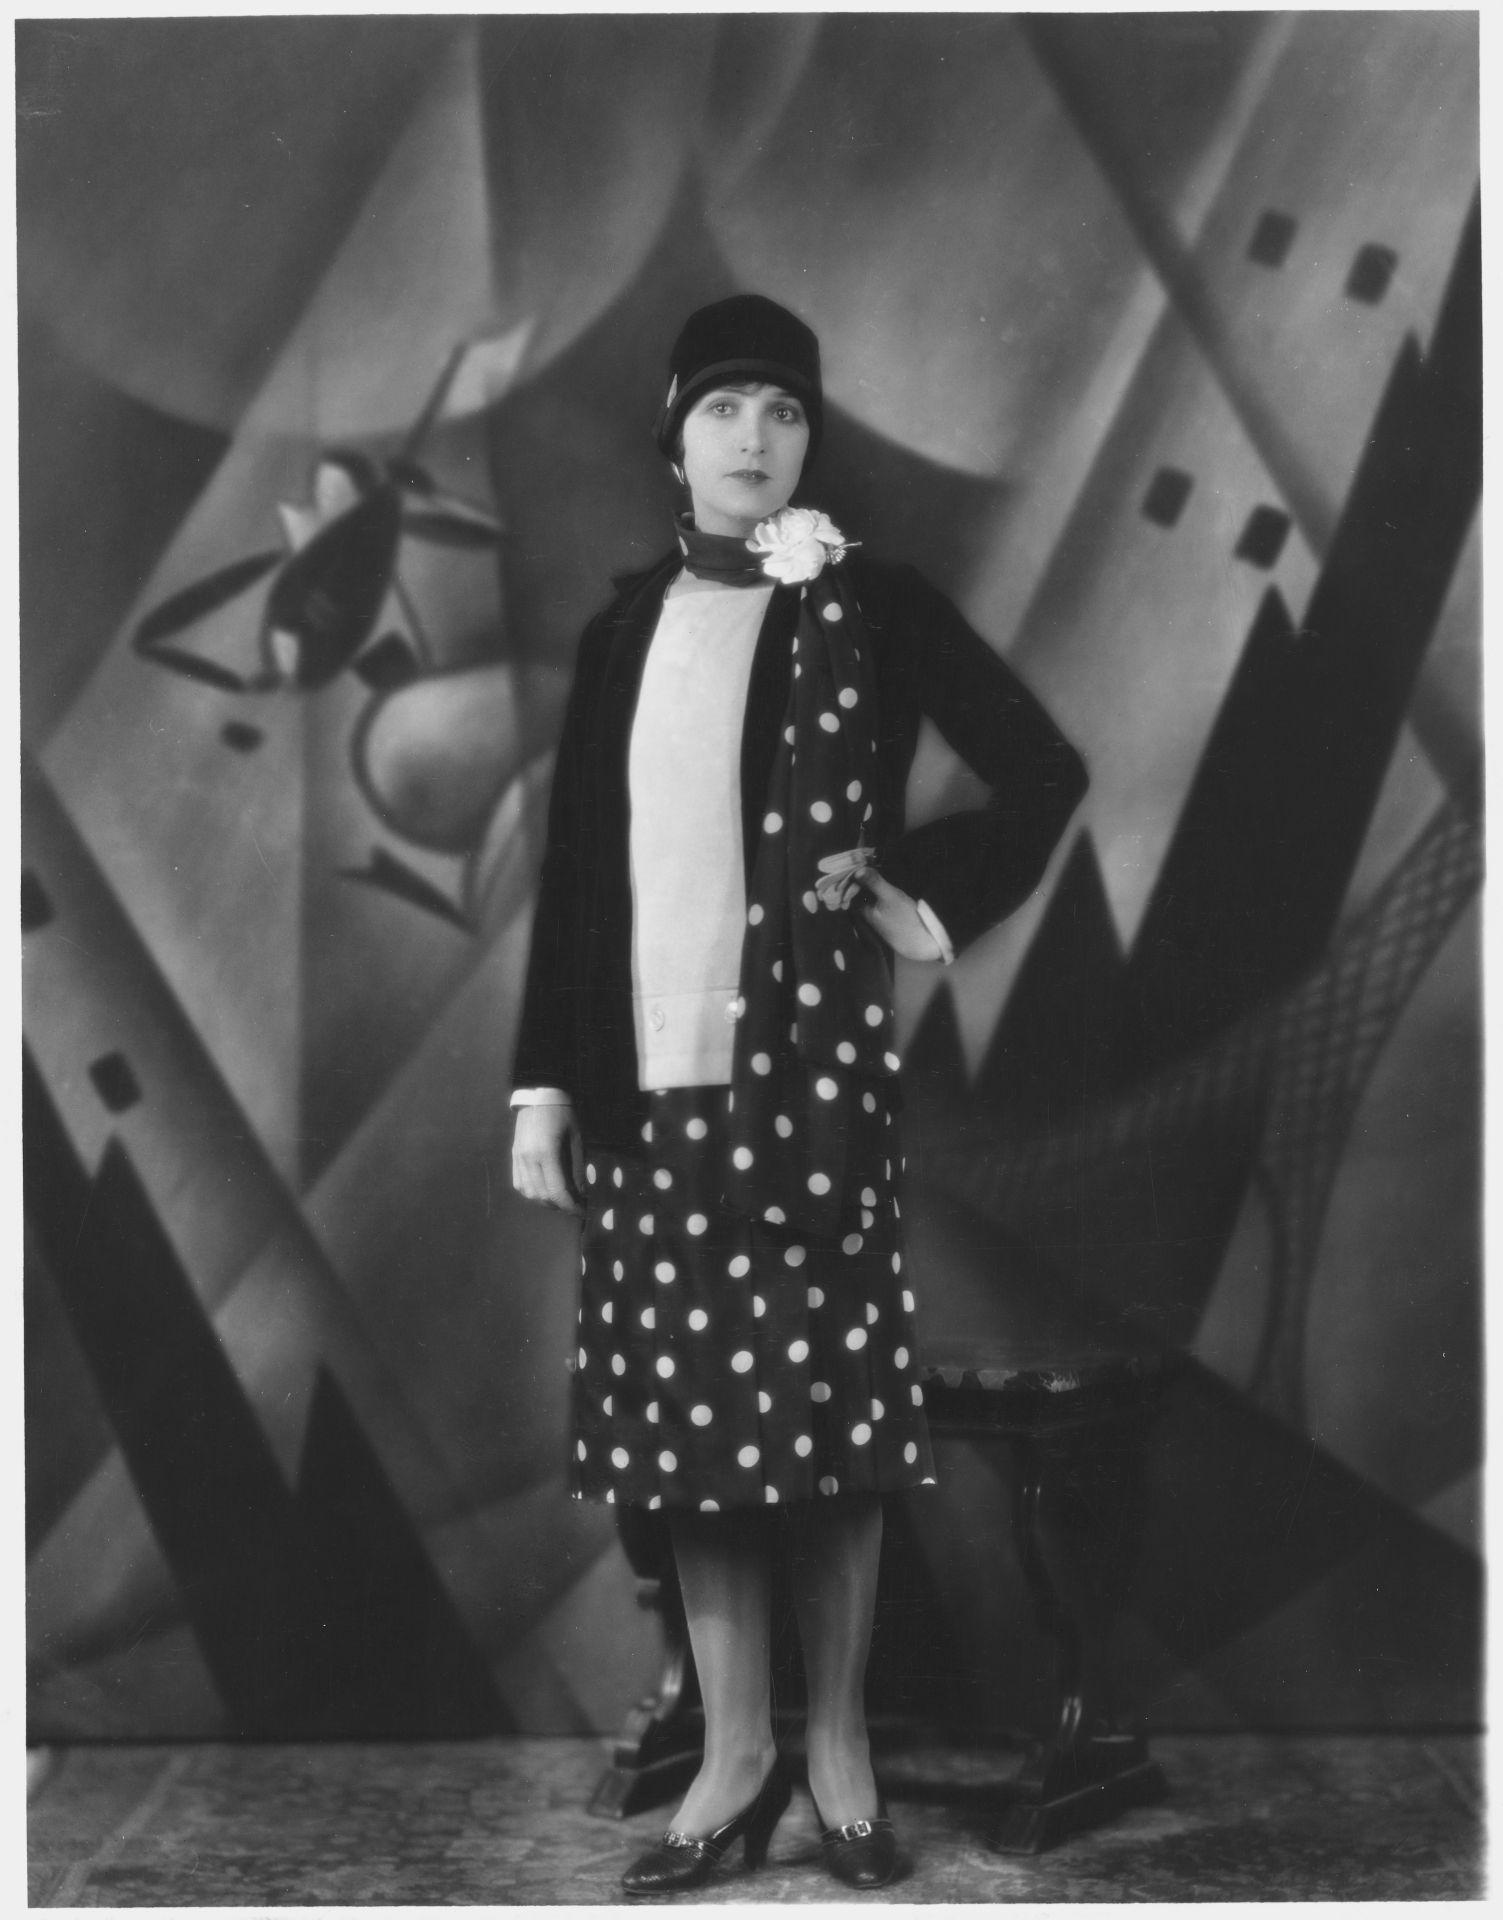 Florence Vidor színésznő pöttyös ruhában, az 1920-as években.